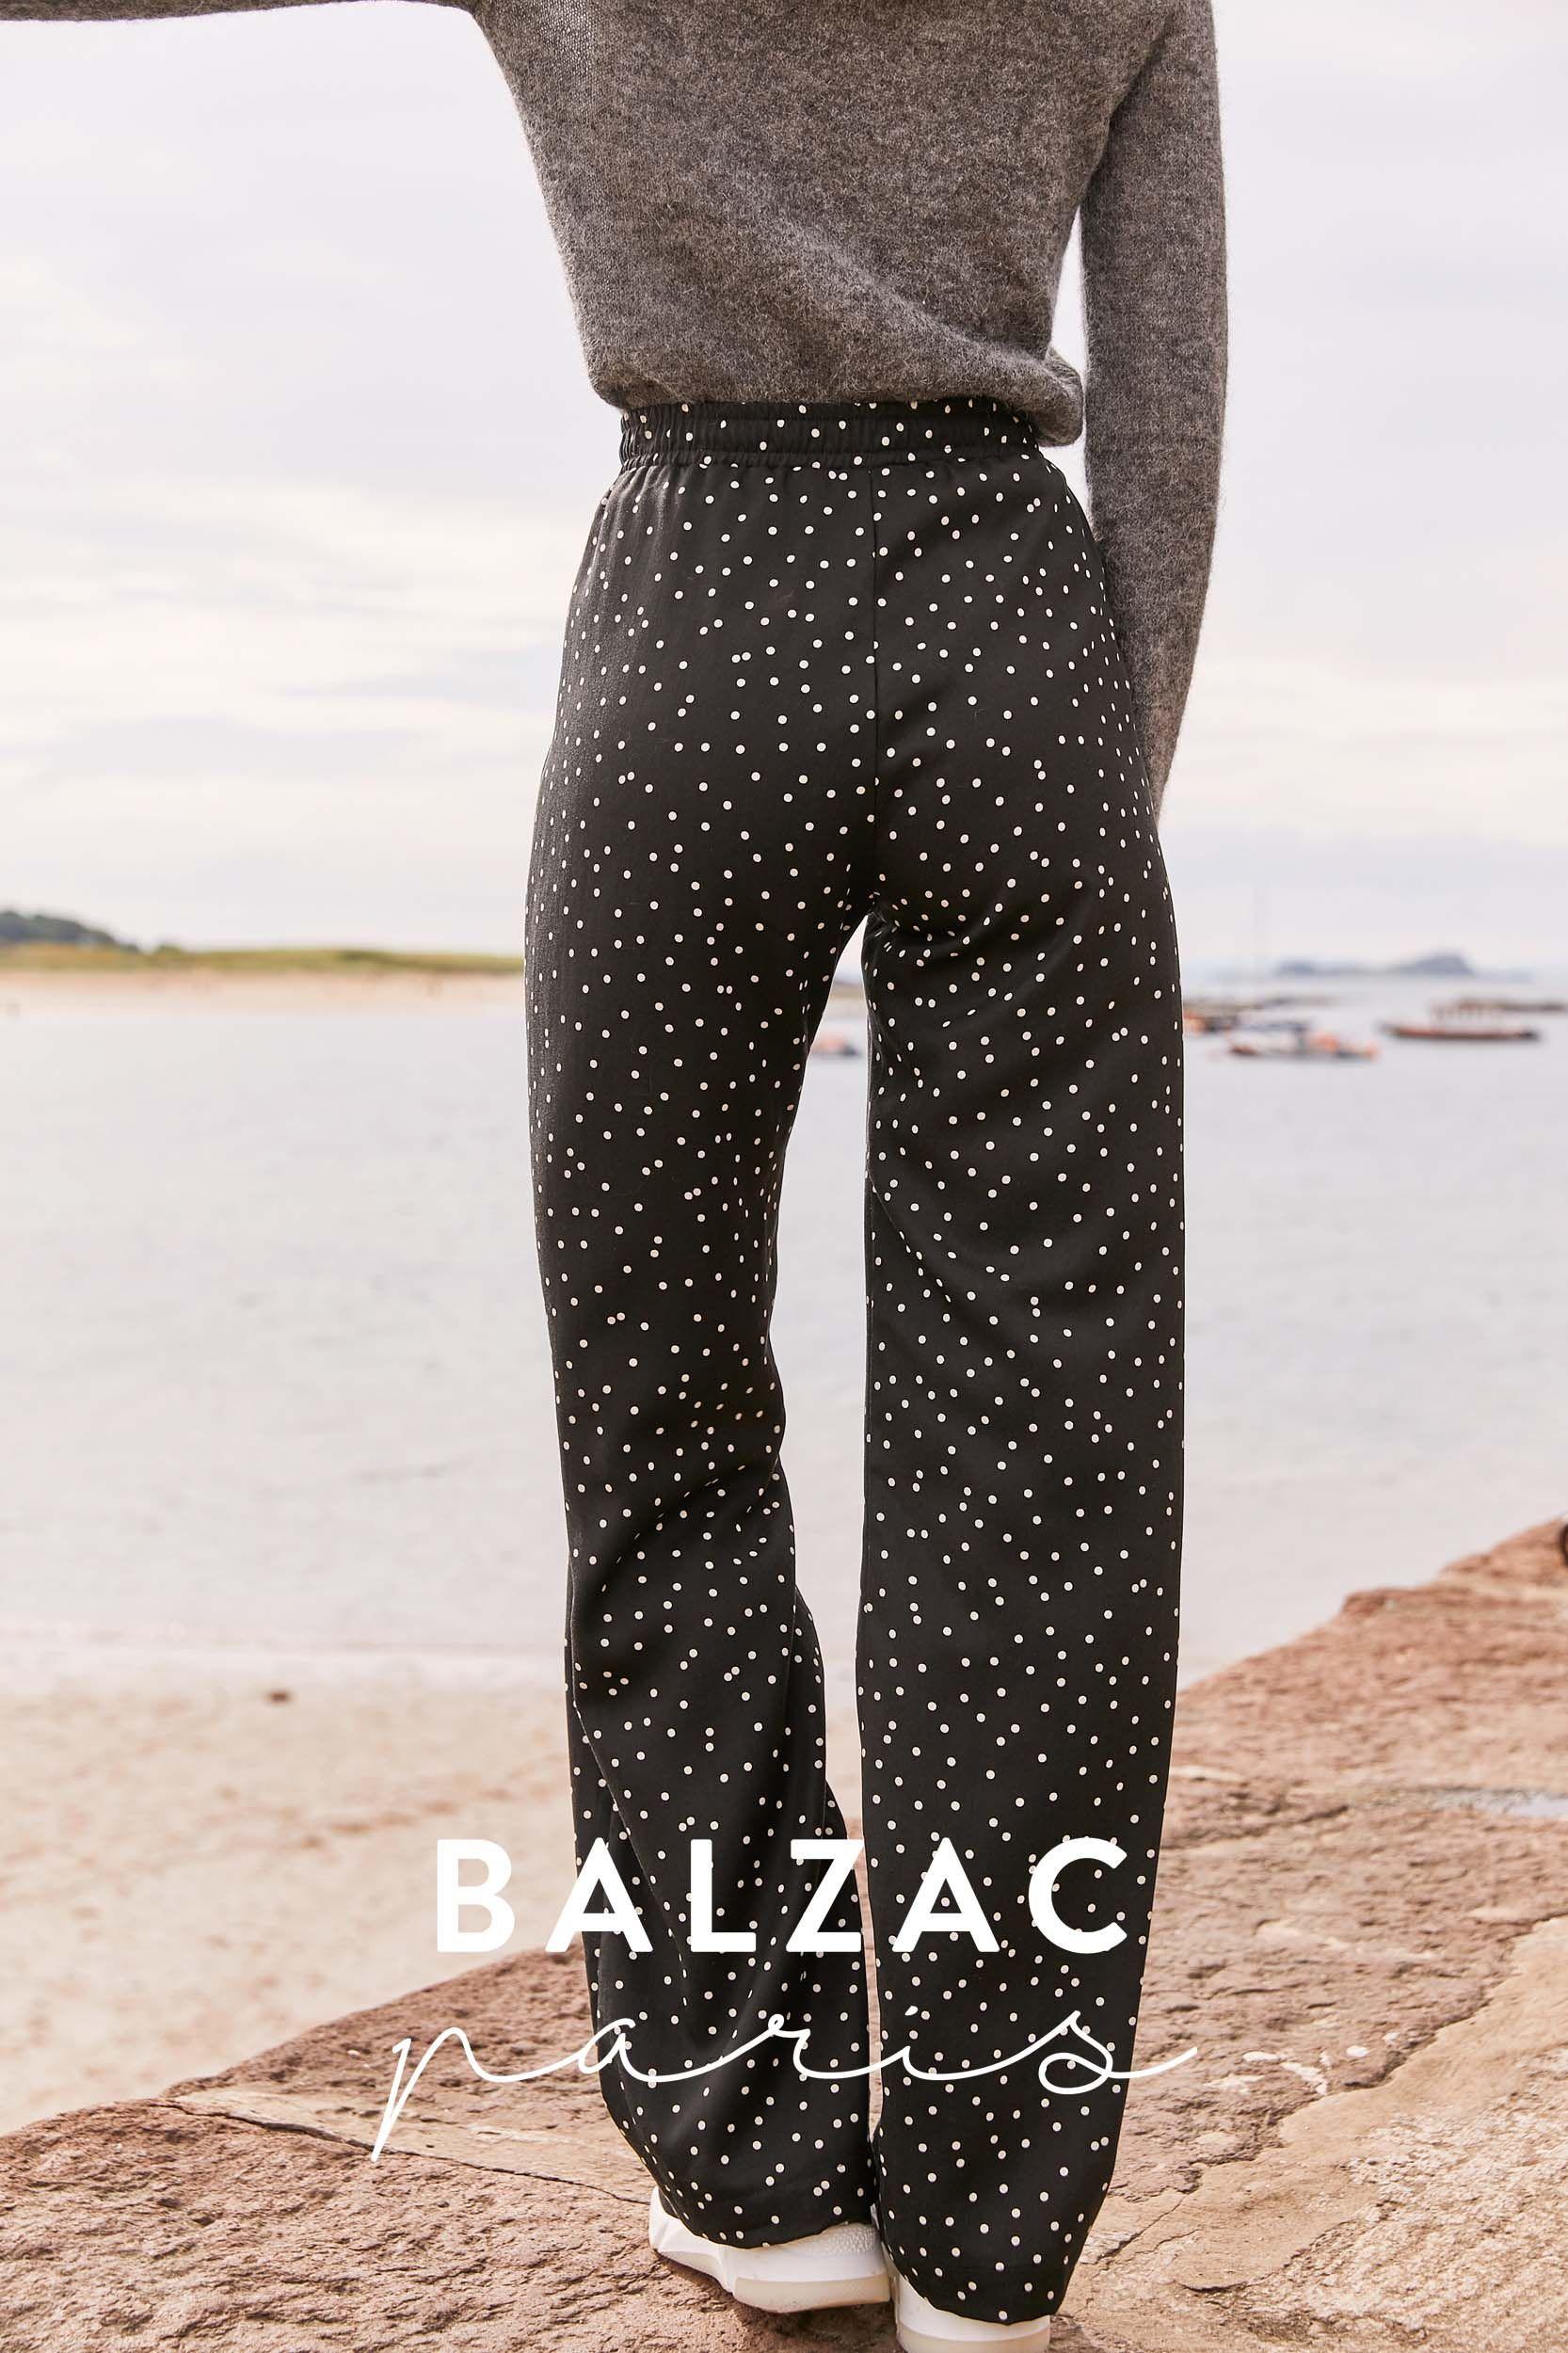 Épinglé sur Balzac Paris collection